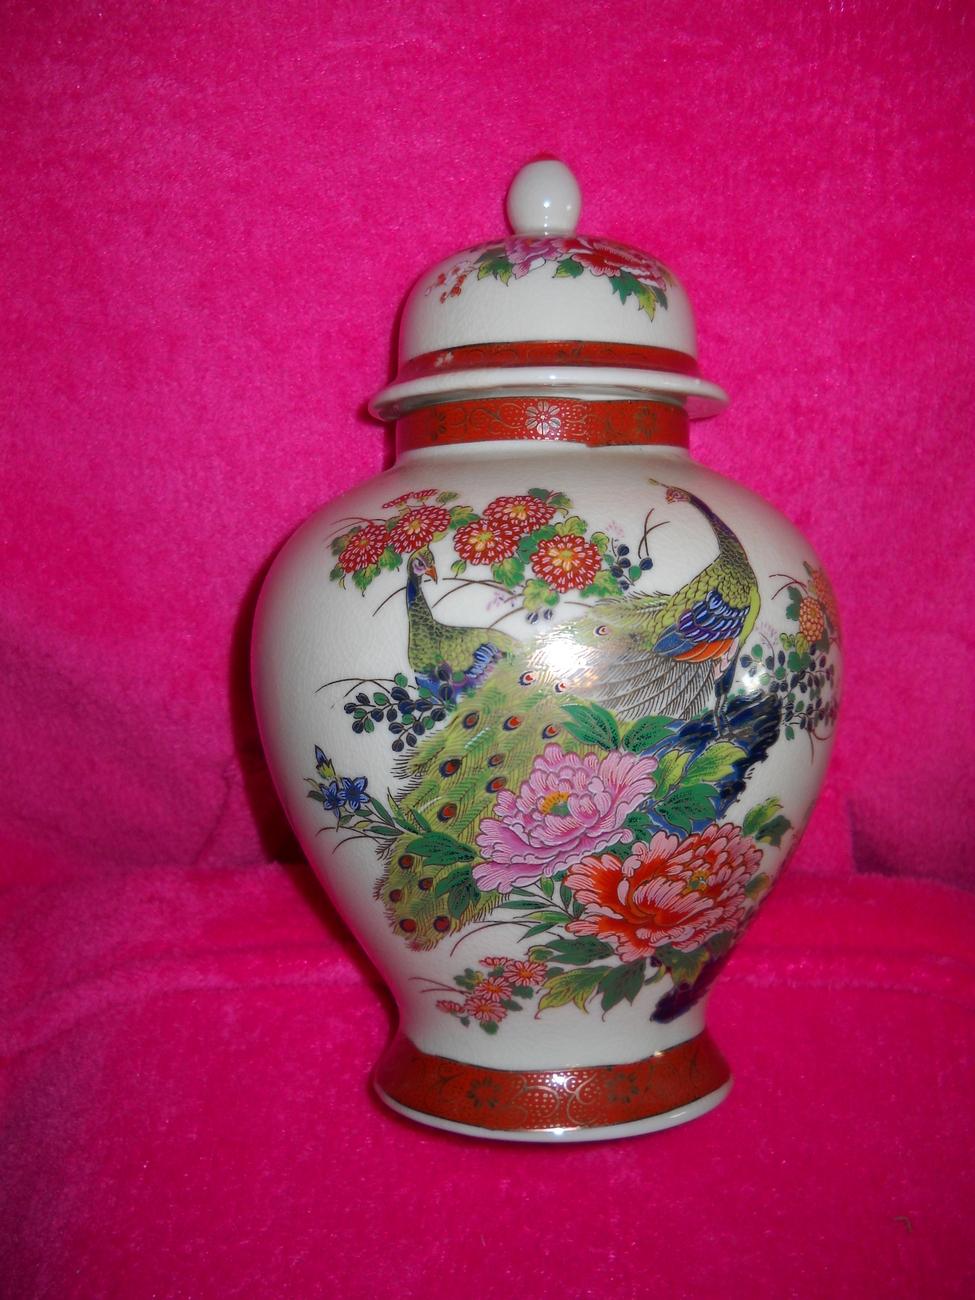 Satsuma japan vaseurn peacock floral and 50 similar items reviewsmspy